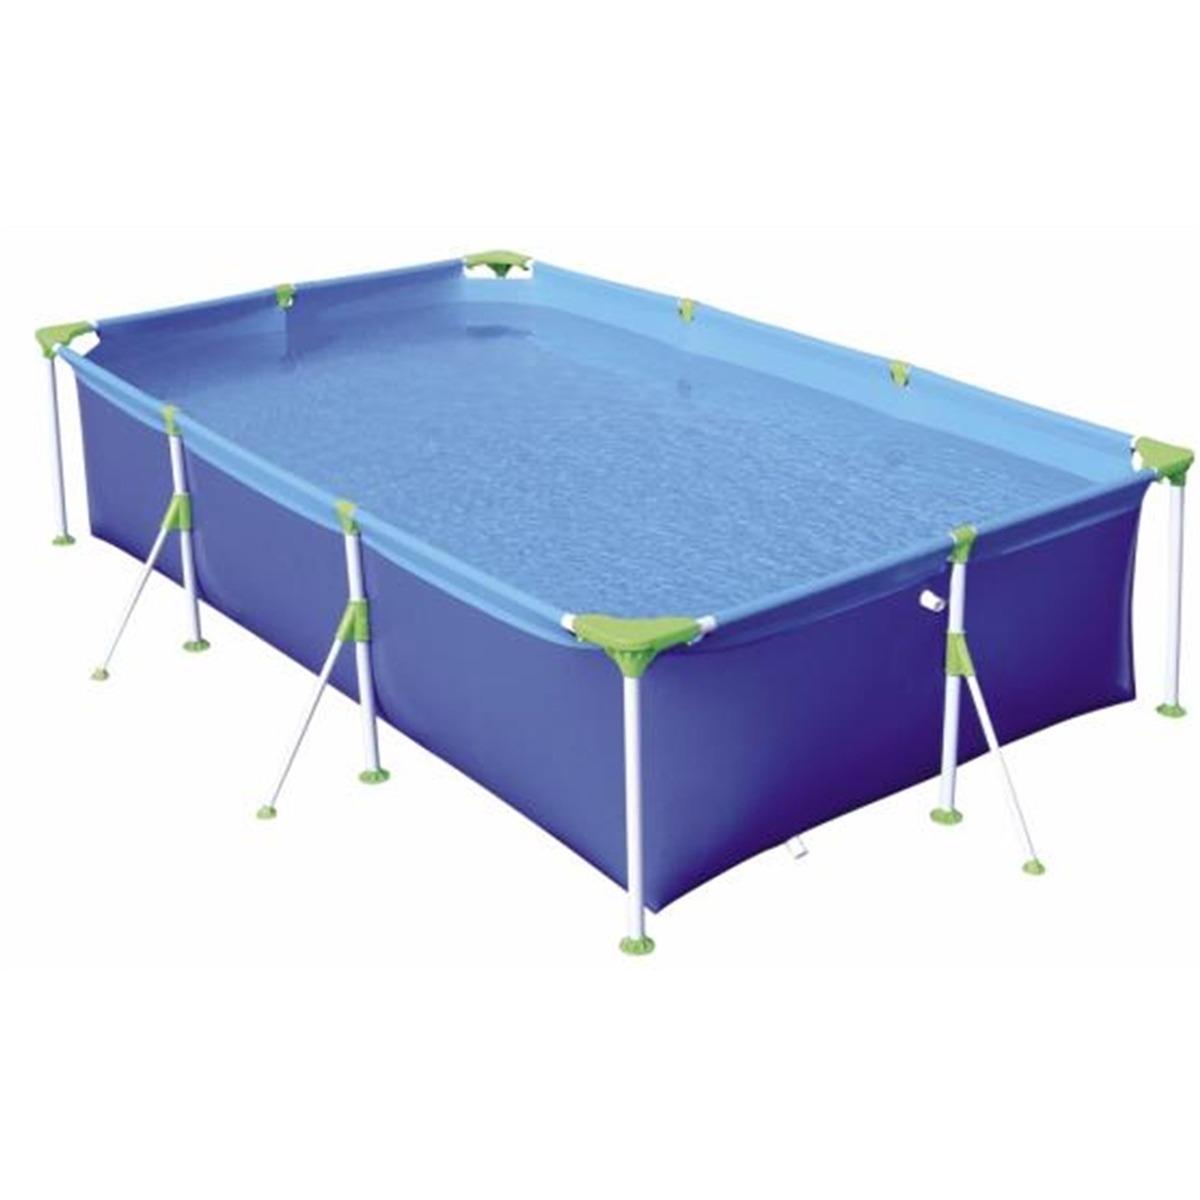 Piscina 3700 litros premium mor r 425 90 no mercadolivre for Calcular litros piscina